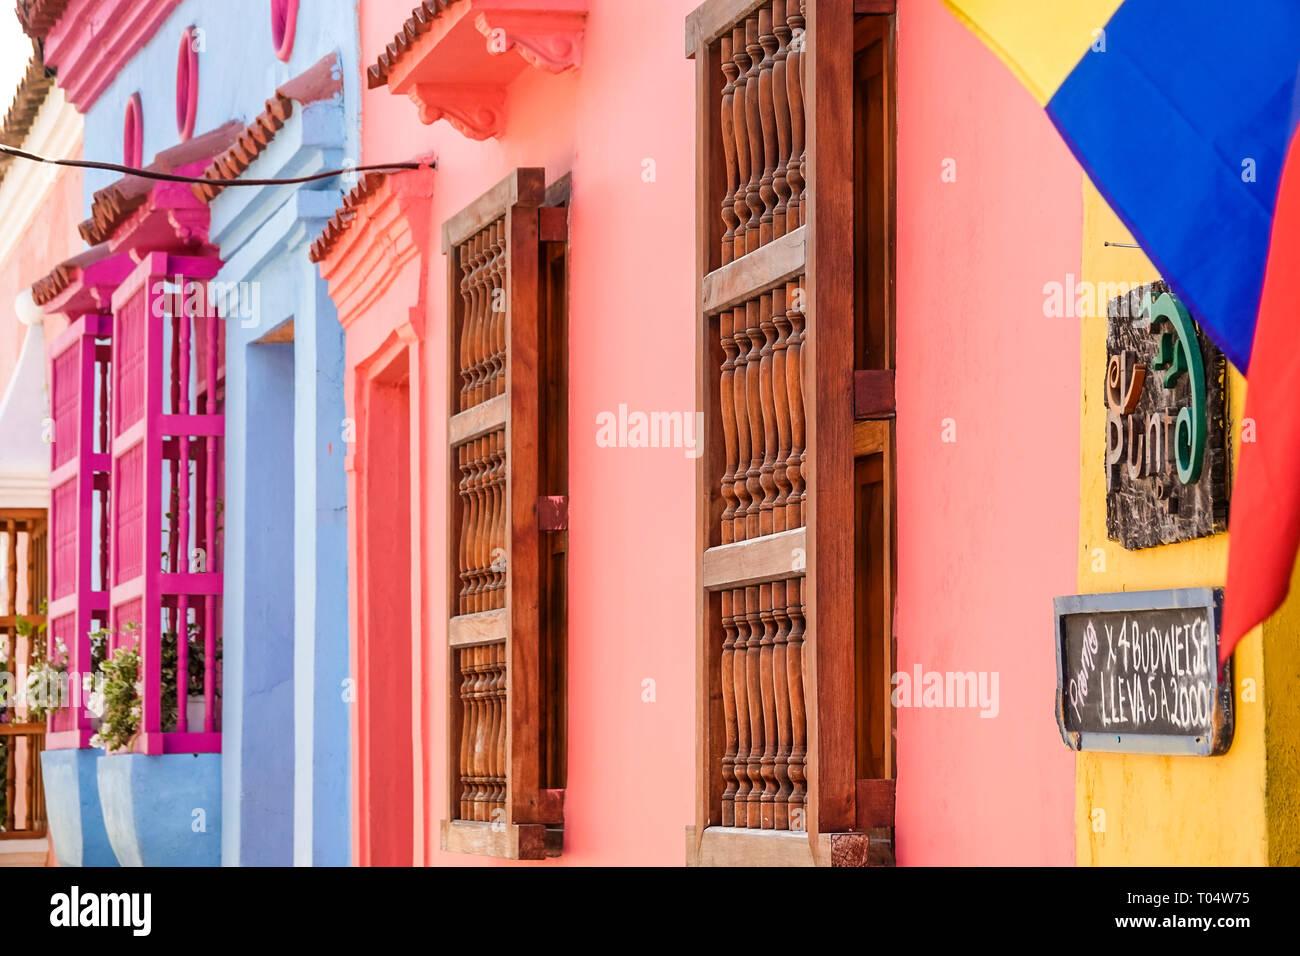 Colombia, Cartagena, centro storico della città murata, San Diego, colorati, edifici, legno coloniale fuso finestre bar, visite turistiche visitatori viaggio tra Foto Stock